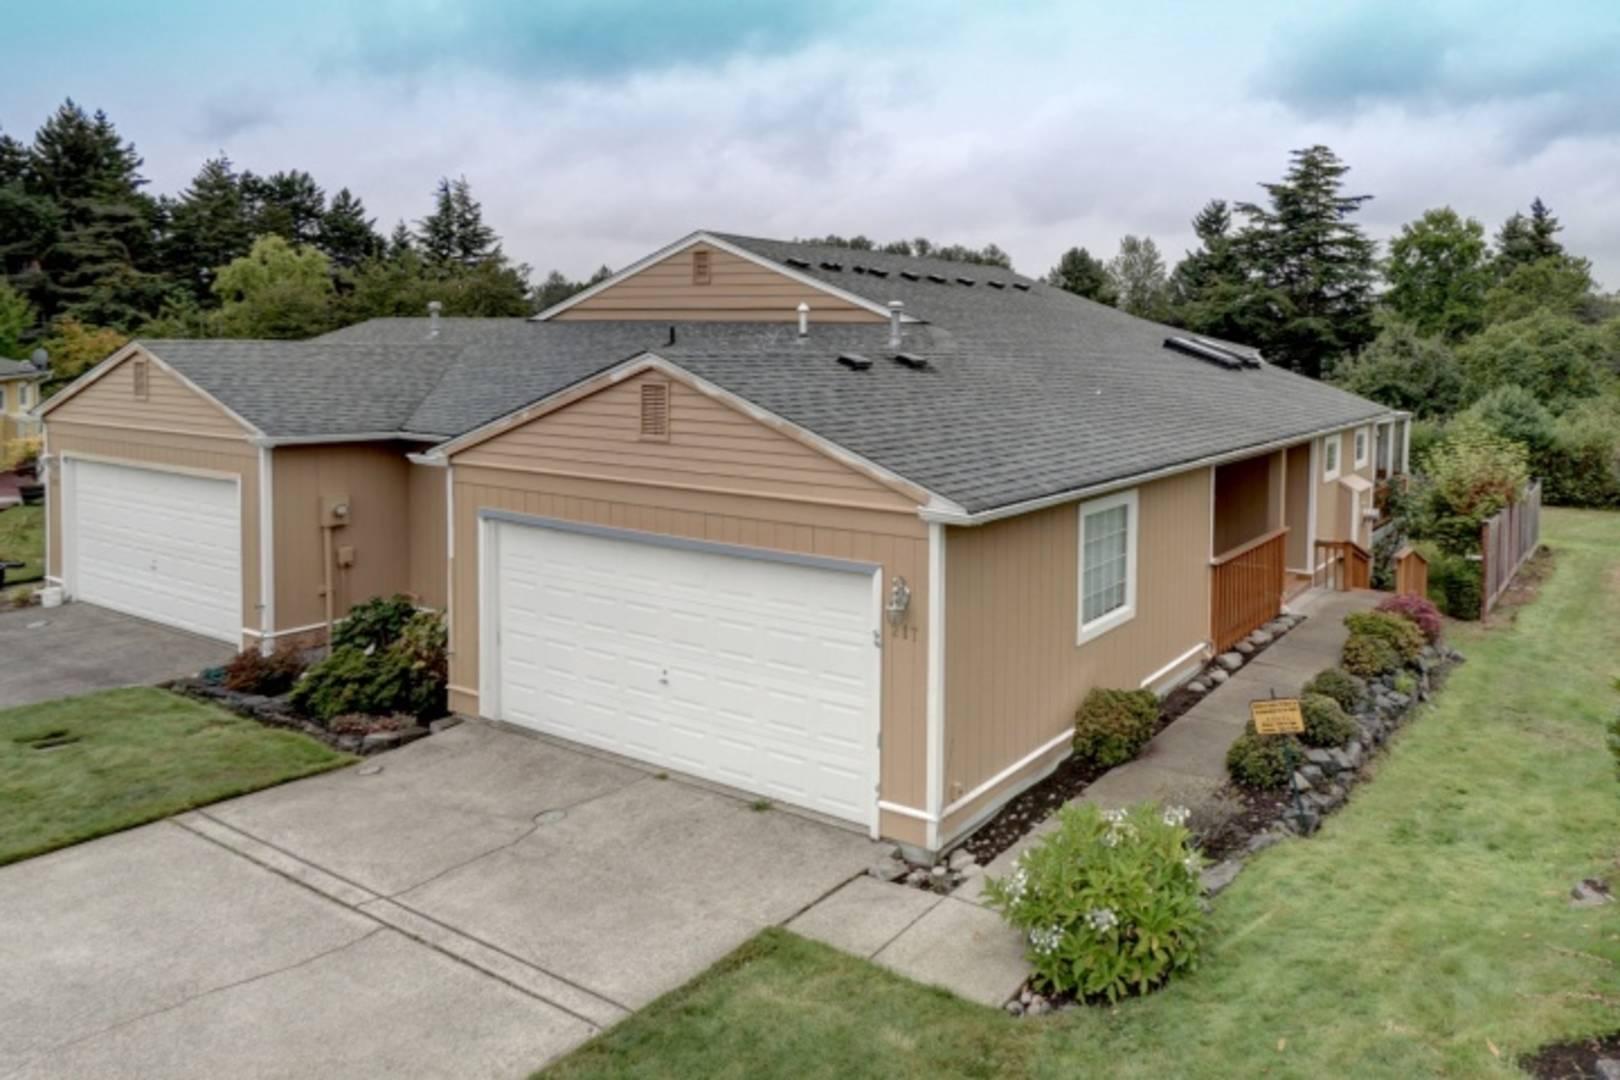 217 105th St E Tacoma, WA 98445